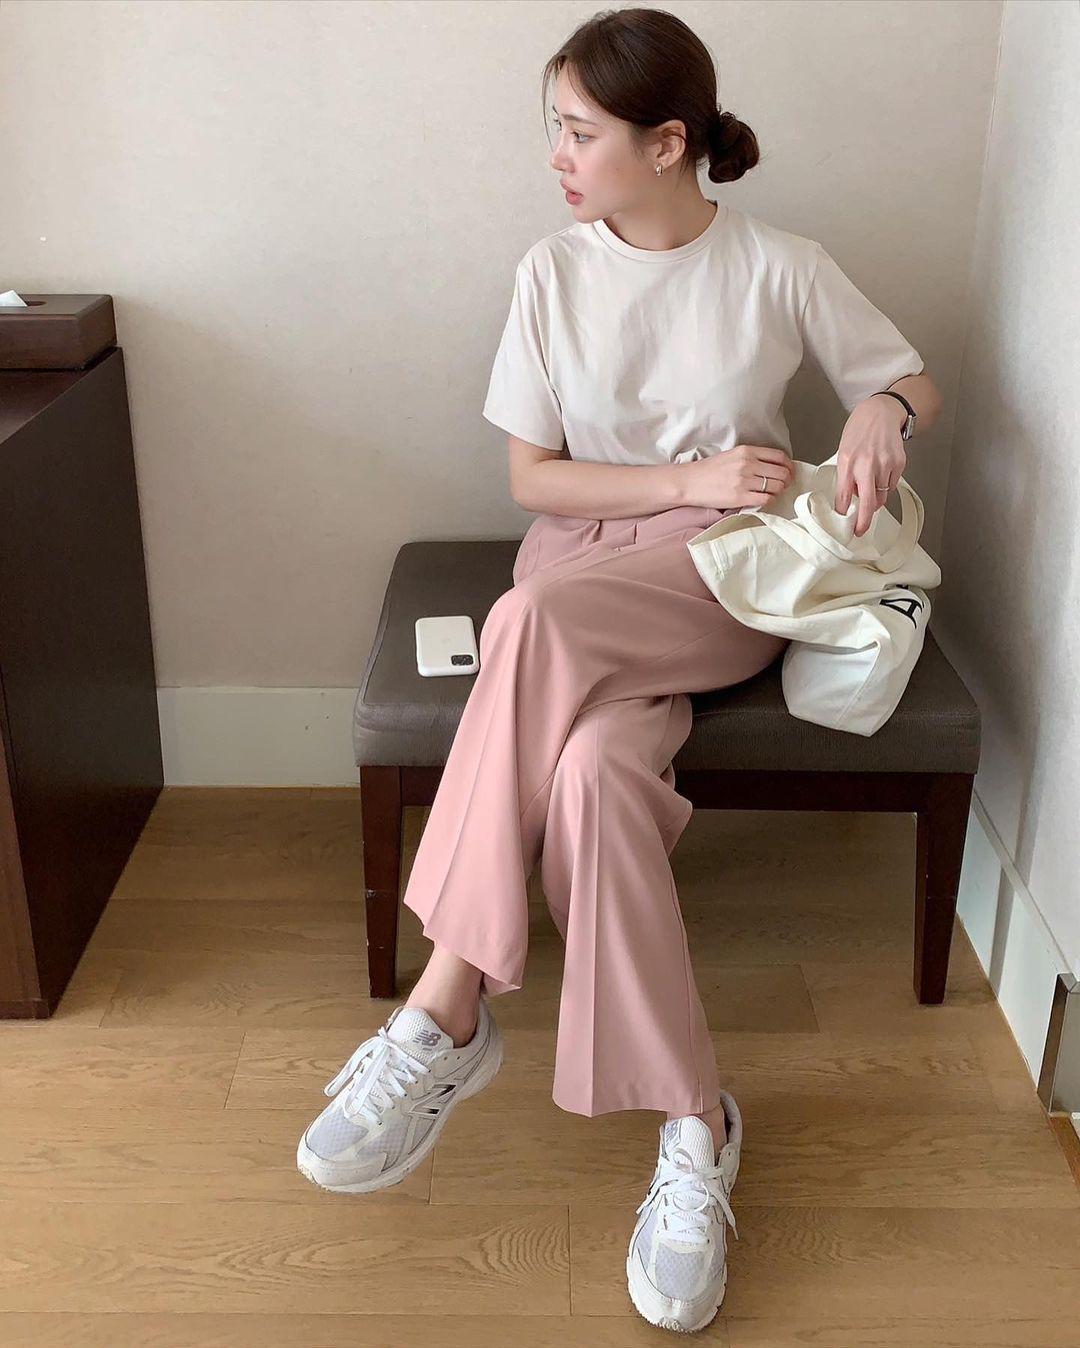 5 mẫu giày dép gái Hàn đang chuộng mix với quần âu để sang chảnh hóa cả set đồ công sở - Ảnh 4